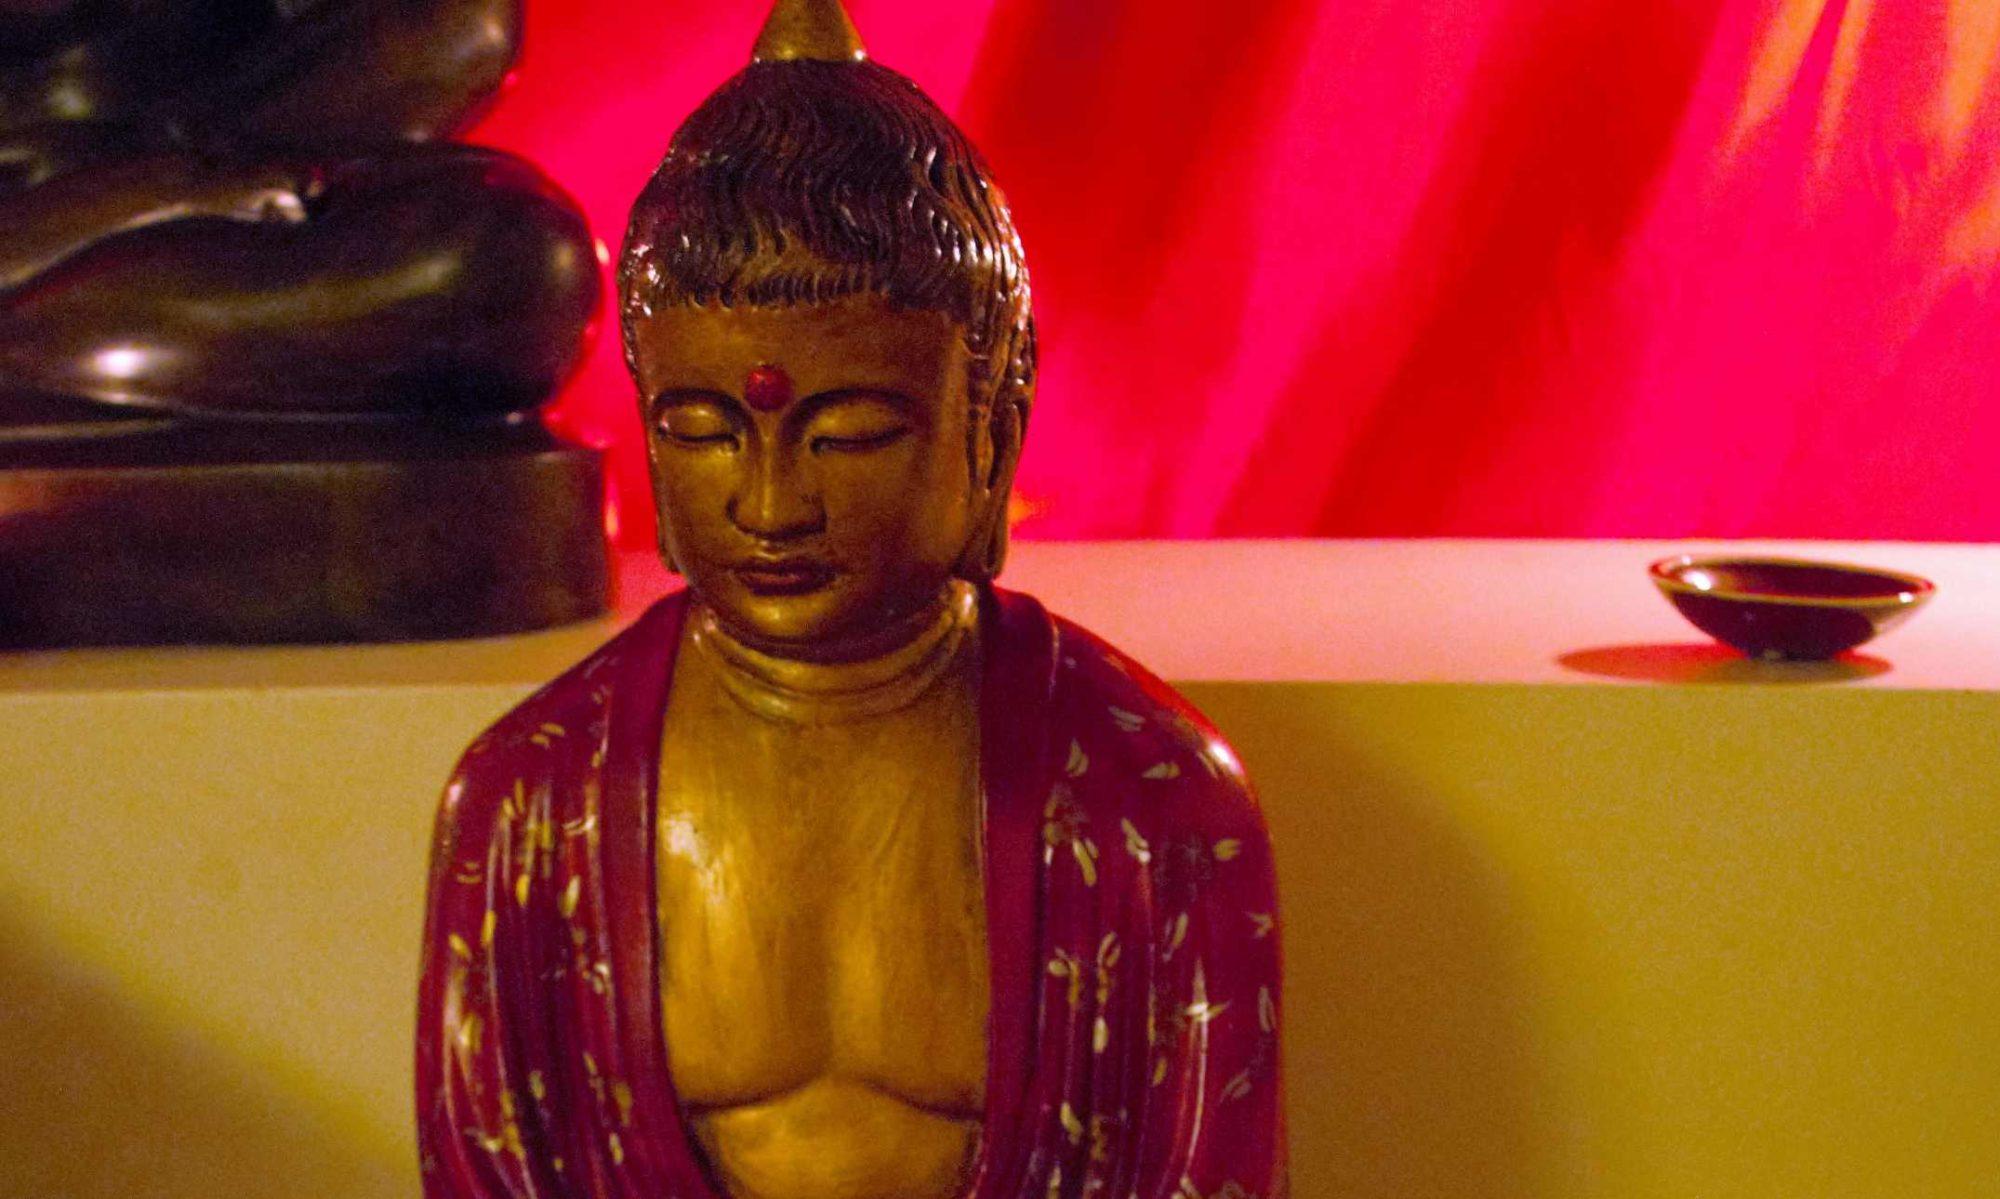 Boeddhistisch Centrum Amsterdam